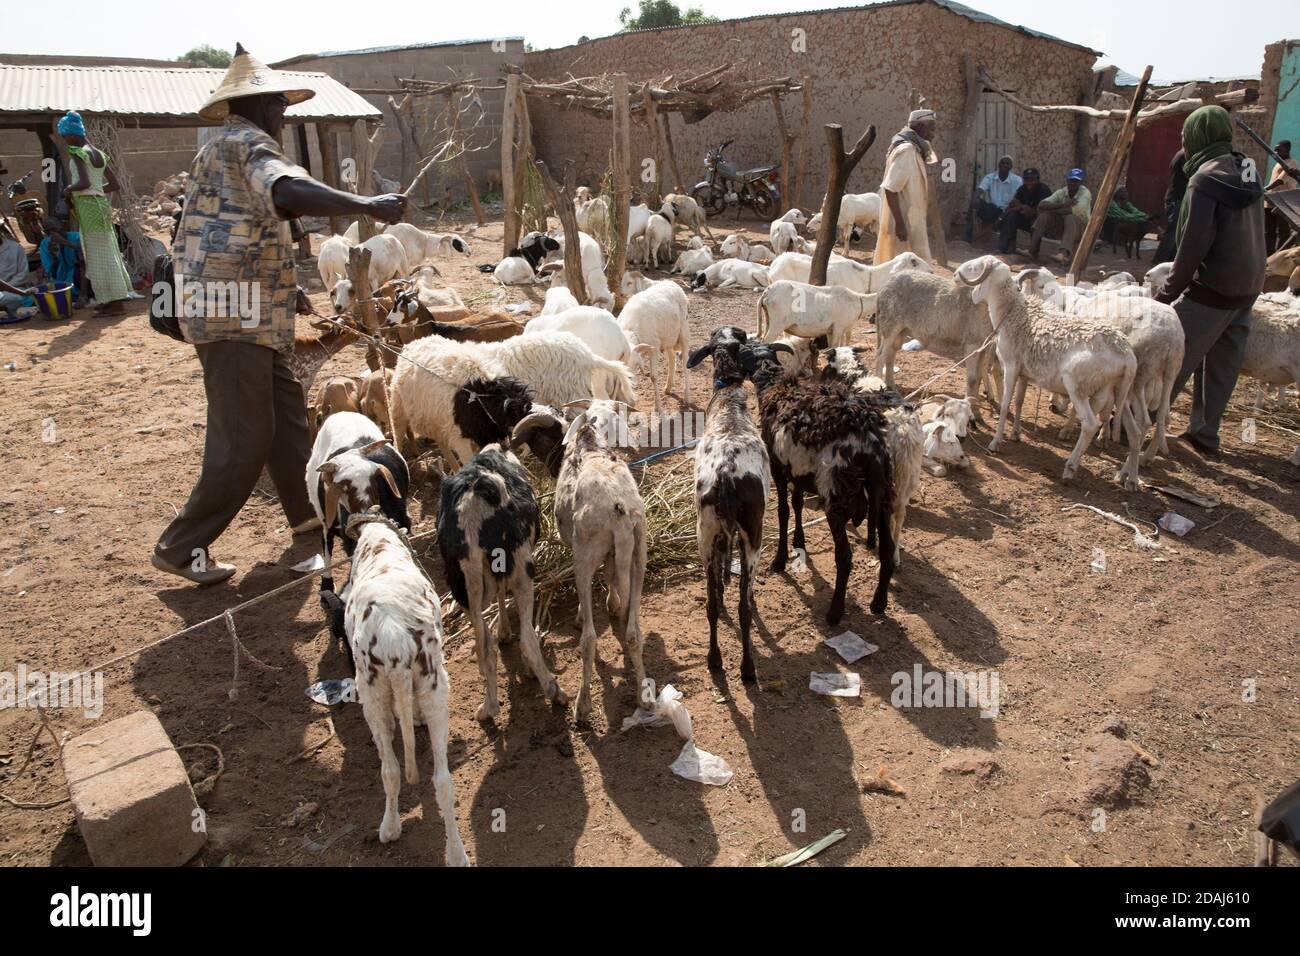 Selingue, Mali, 25 avril 2015; vendeurs de moutons. Ces commerçants ont acheté leurs animaux à Ouelessebougou, à 60 km, mais aujourd'hui n'a pas été un bon jour pour la vente. Banque D'Images